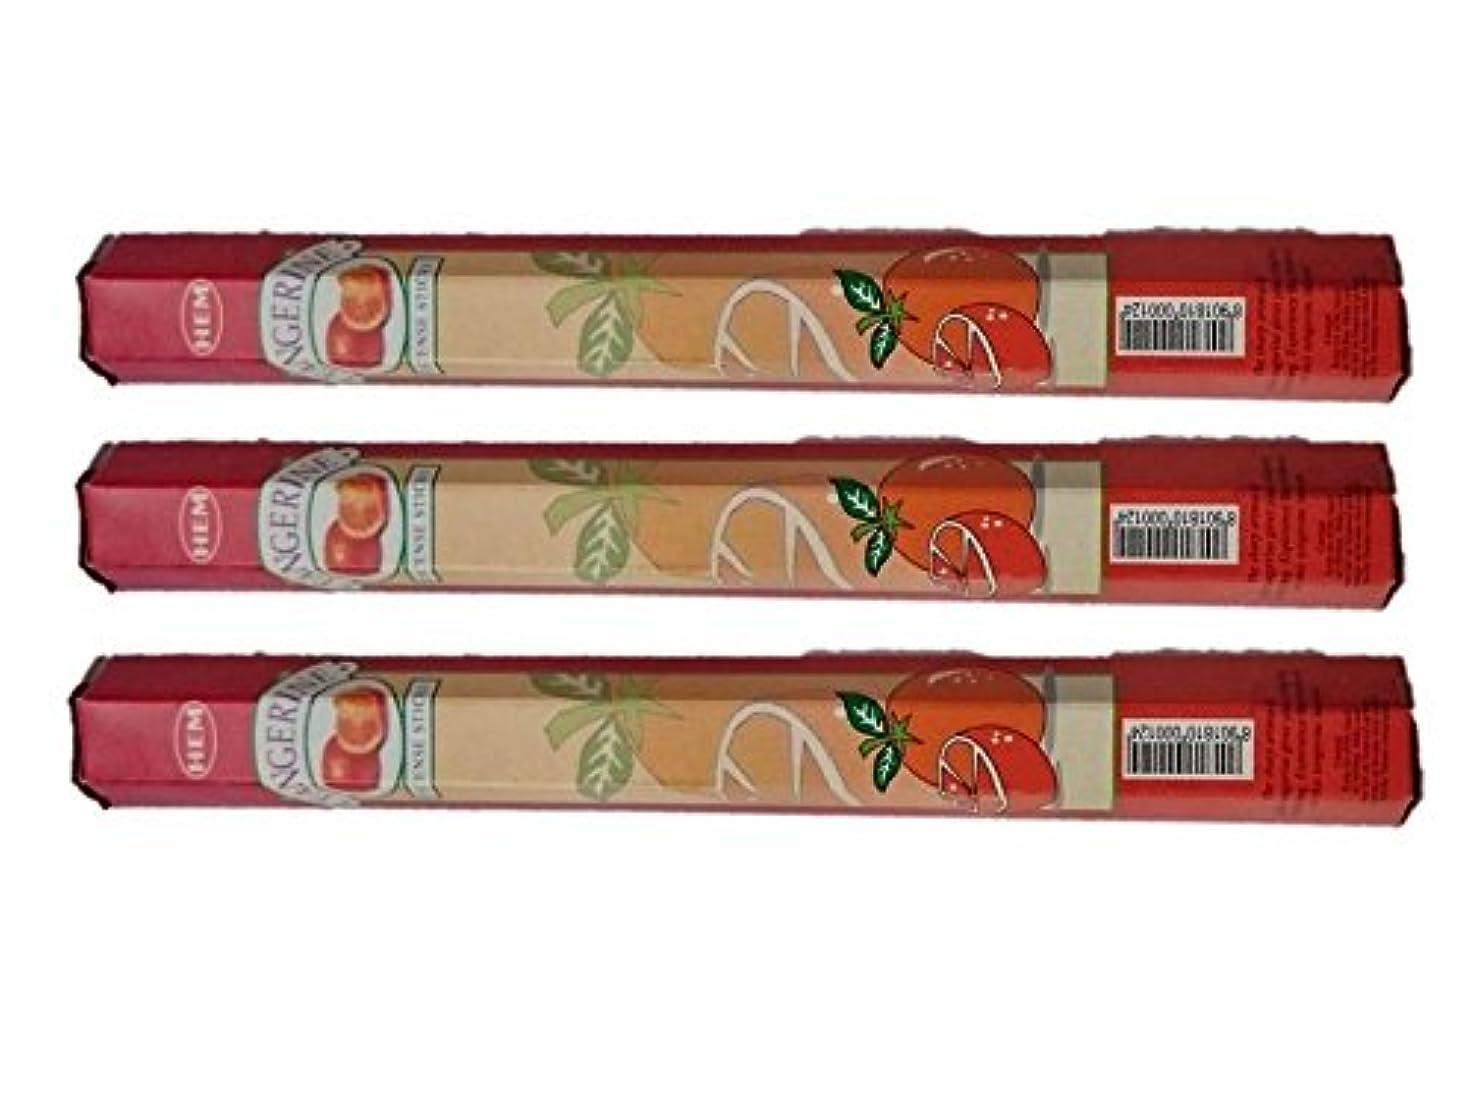 HEM(ヘム):お香スティック/インセンス/六角香/3箱セット (タンジェリン(オレンジ))